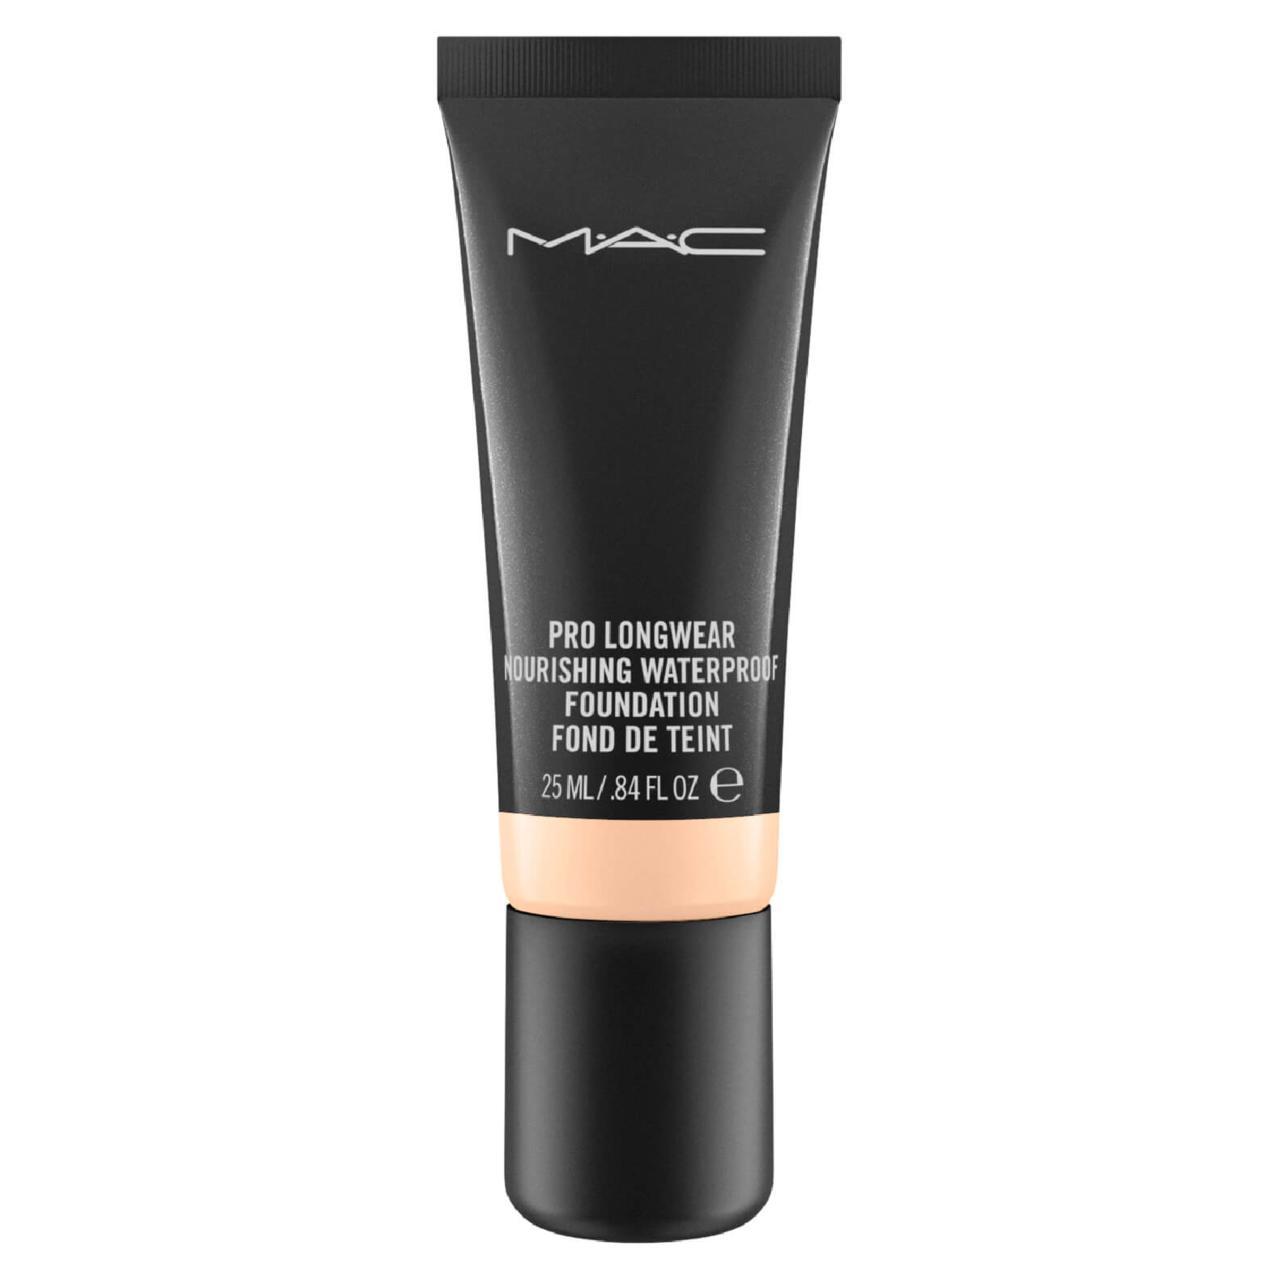 MAC Pro Longwear Nourishing Waterproof Foundation, 6.290 kr.